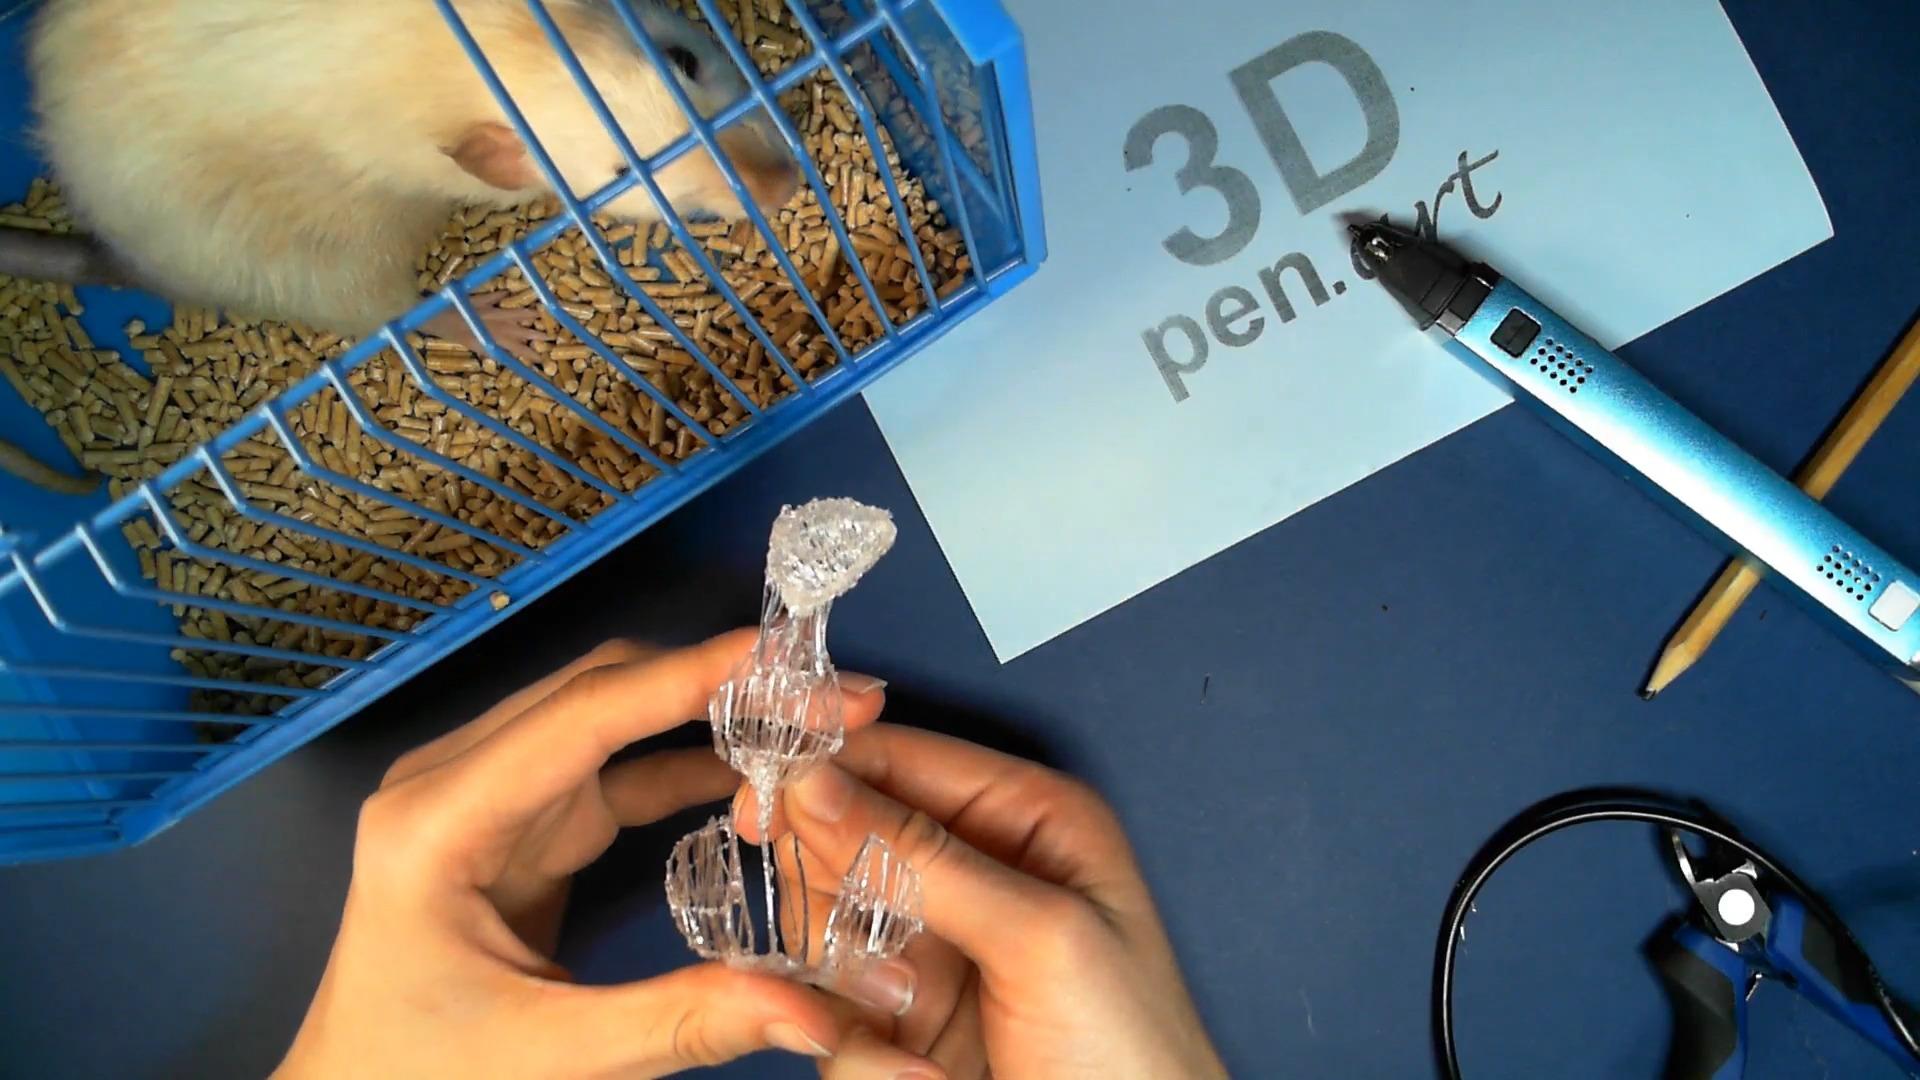 Крыса 3D ручкой. Прикрепляем основания к поделке